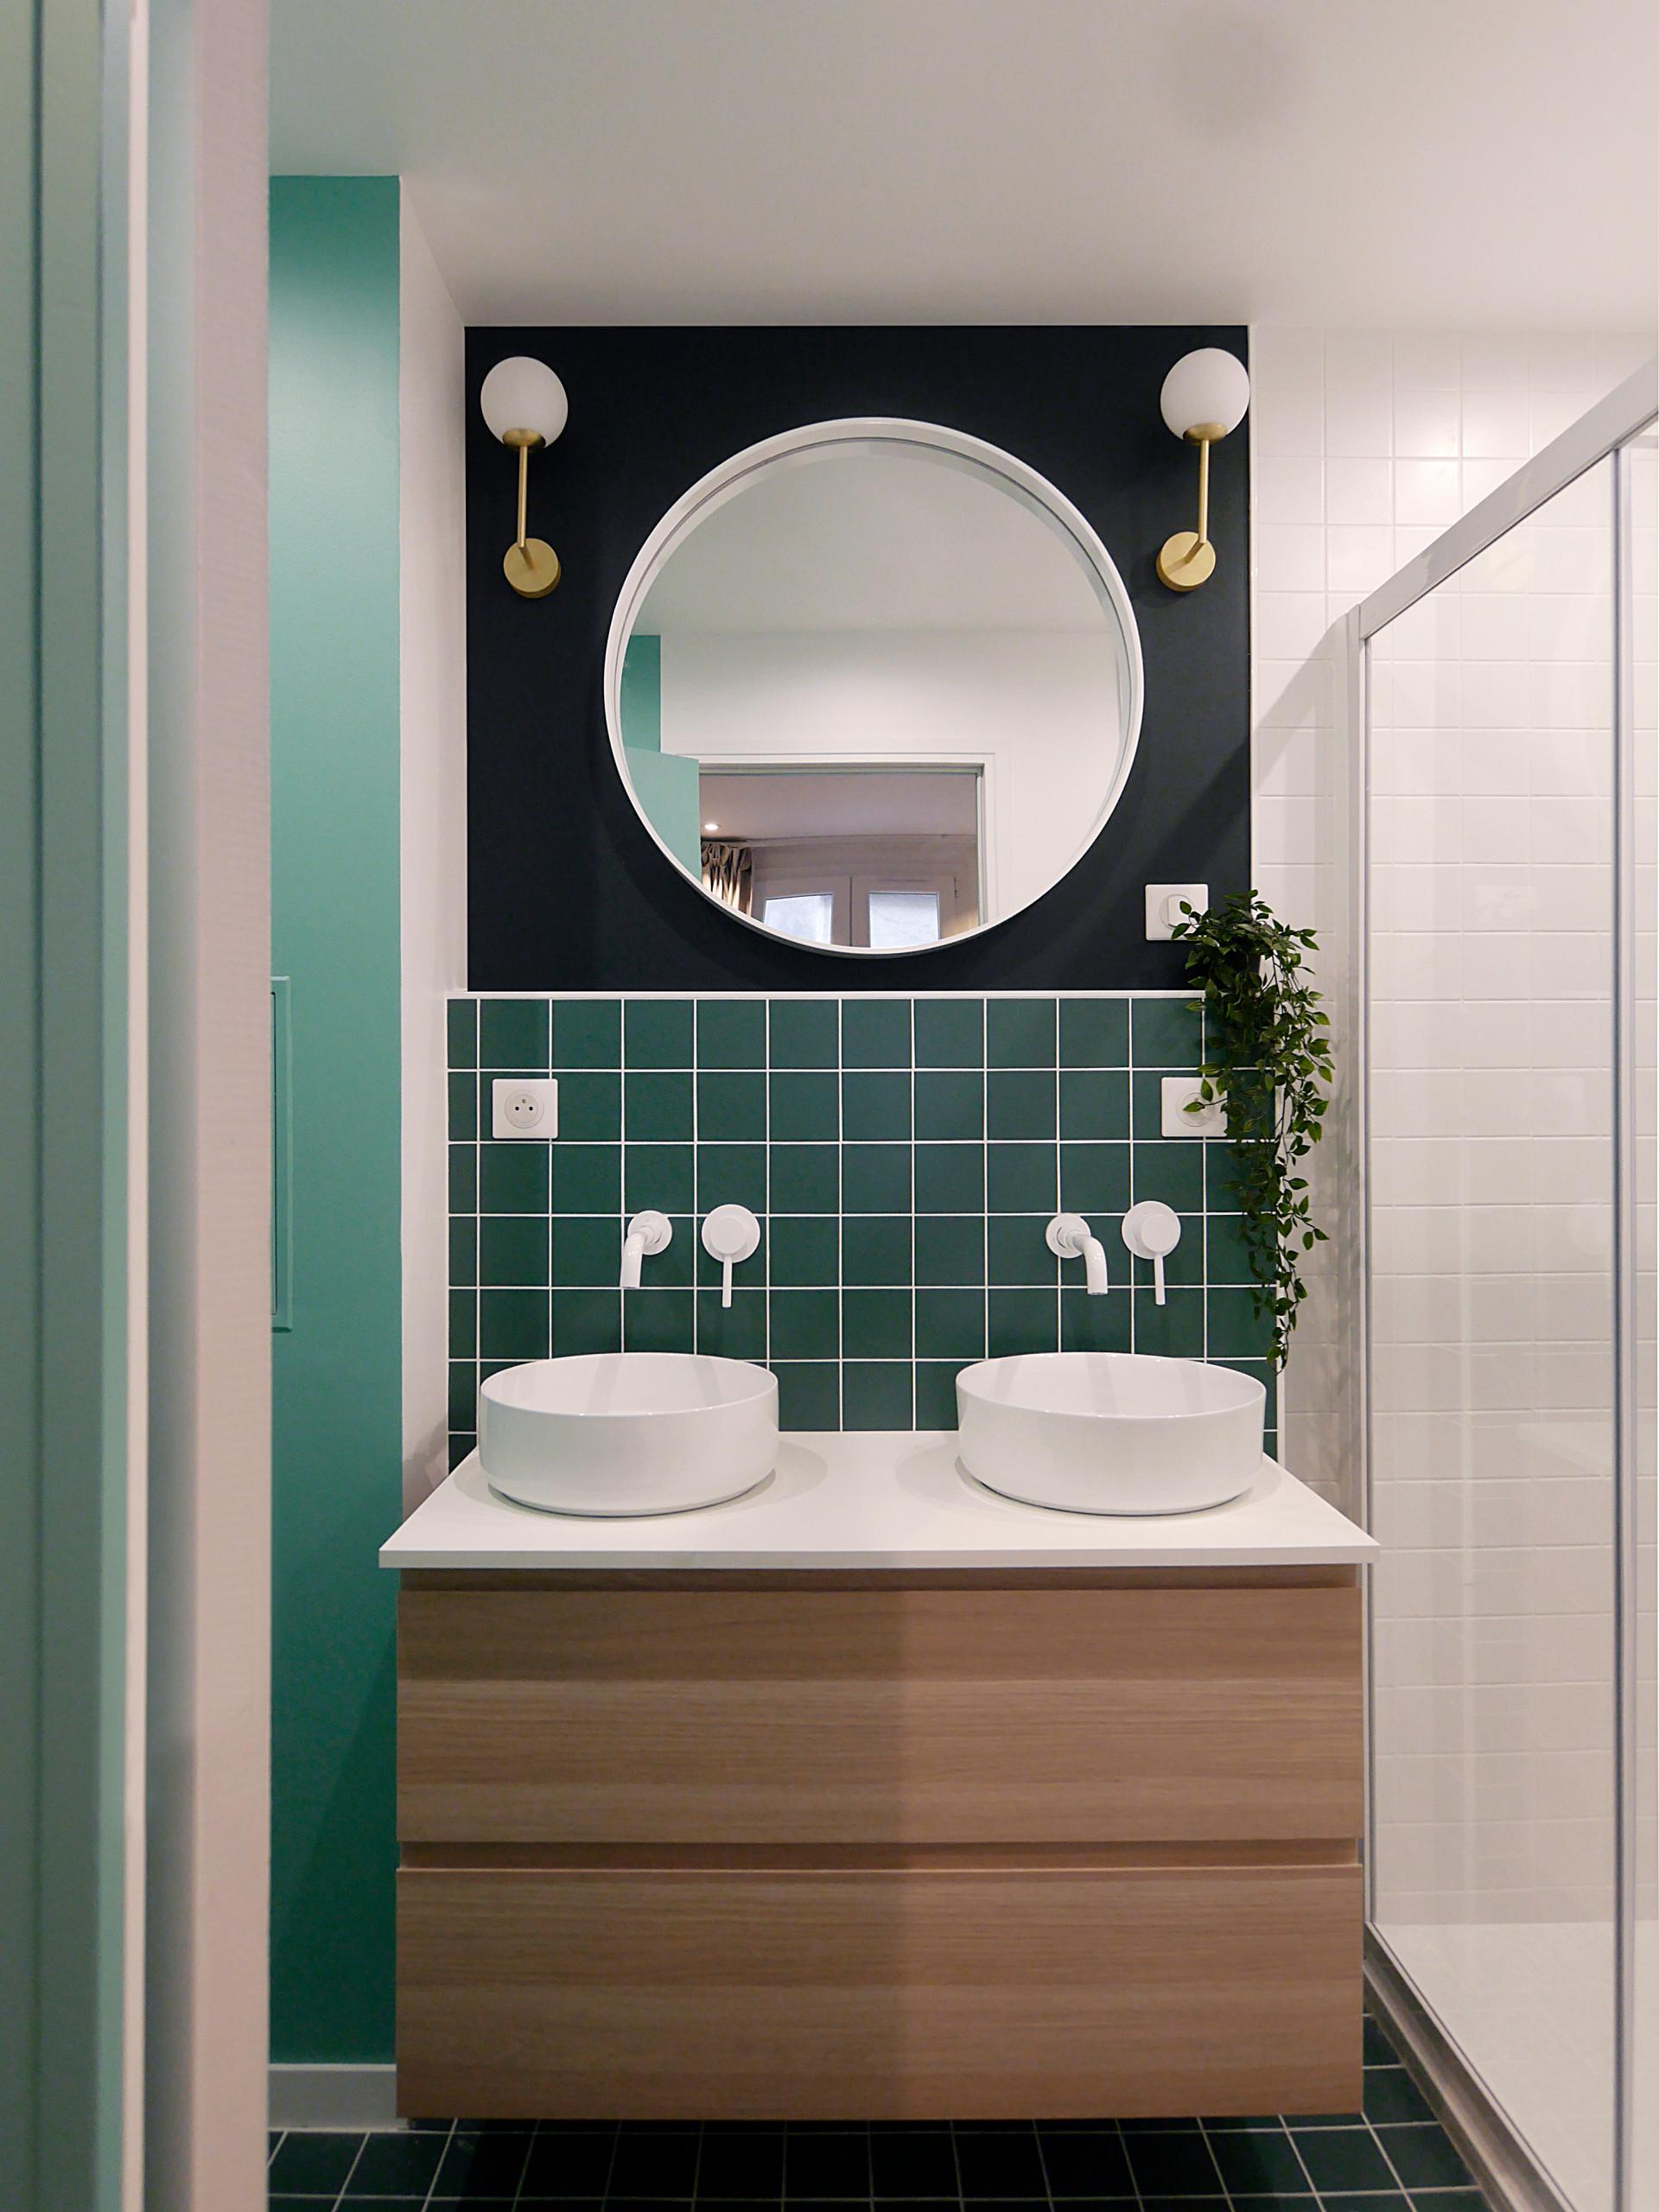 Rubinetto per un bagno moderno: foto e ispirazioni